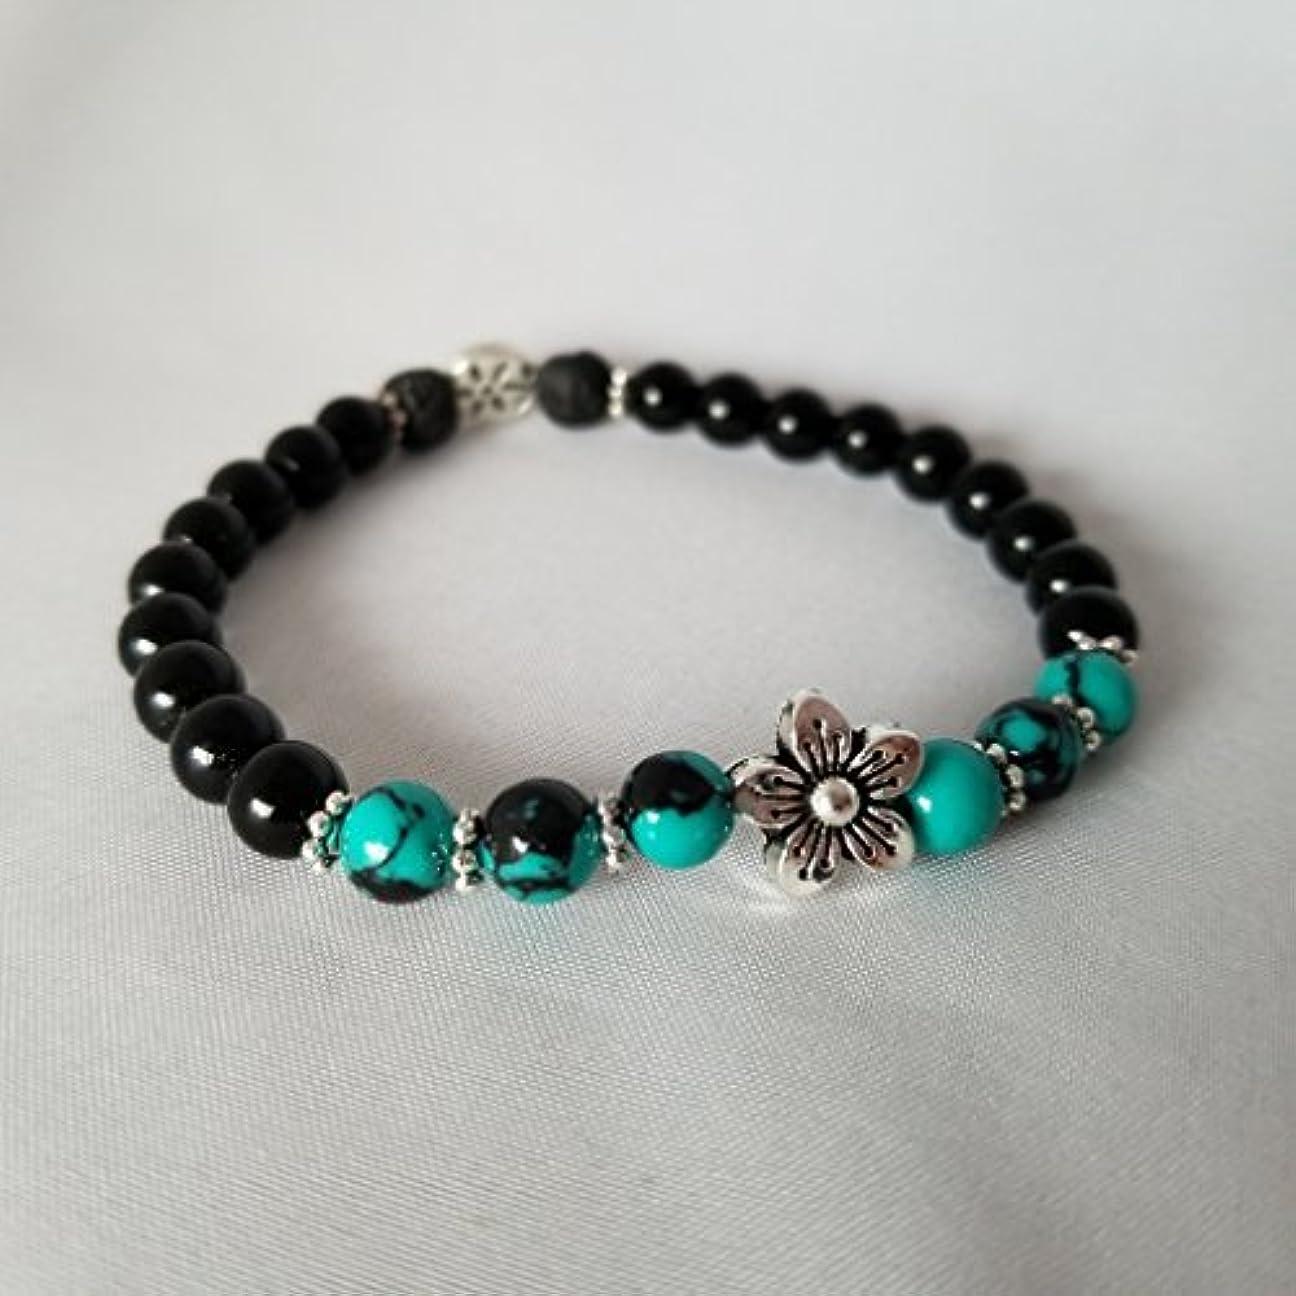 パンまあばかげたHandmade Turquoise Black Jasper and Black Lava Essential Oil Diffuser Bracelet featuring Silver Plated Flower...